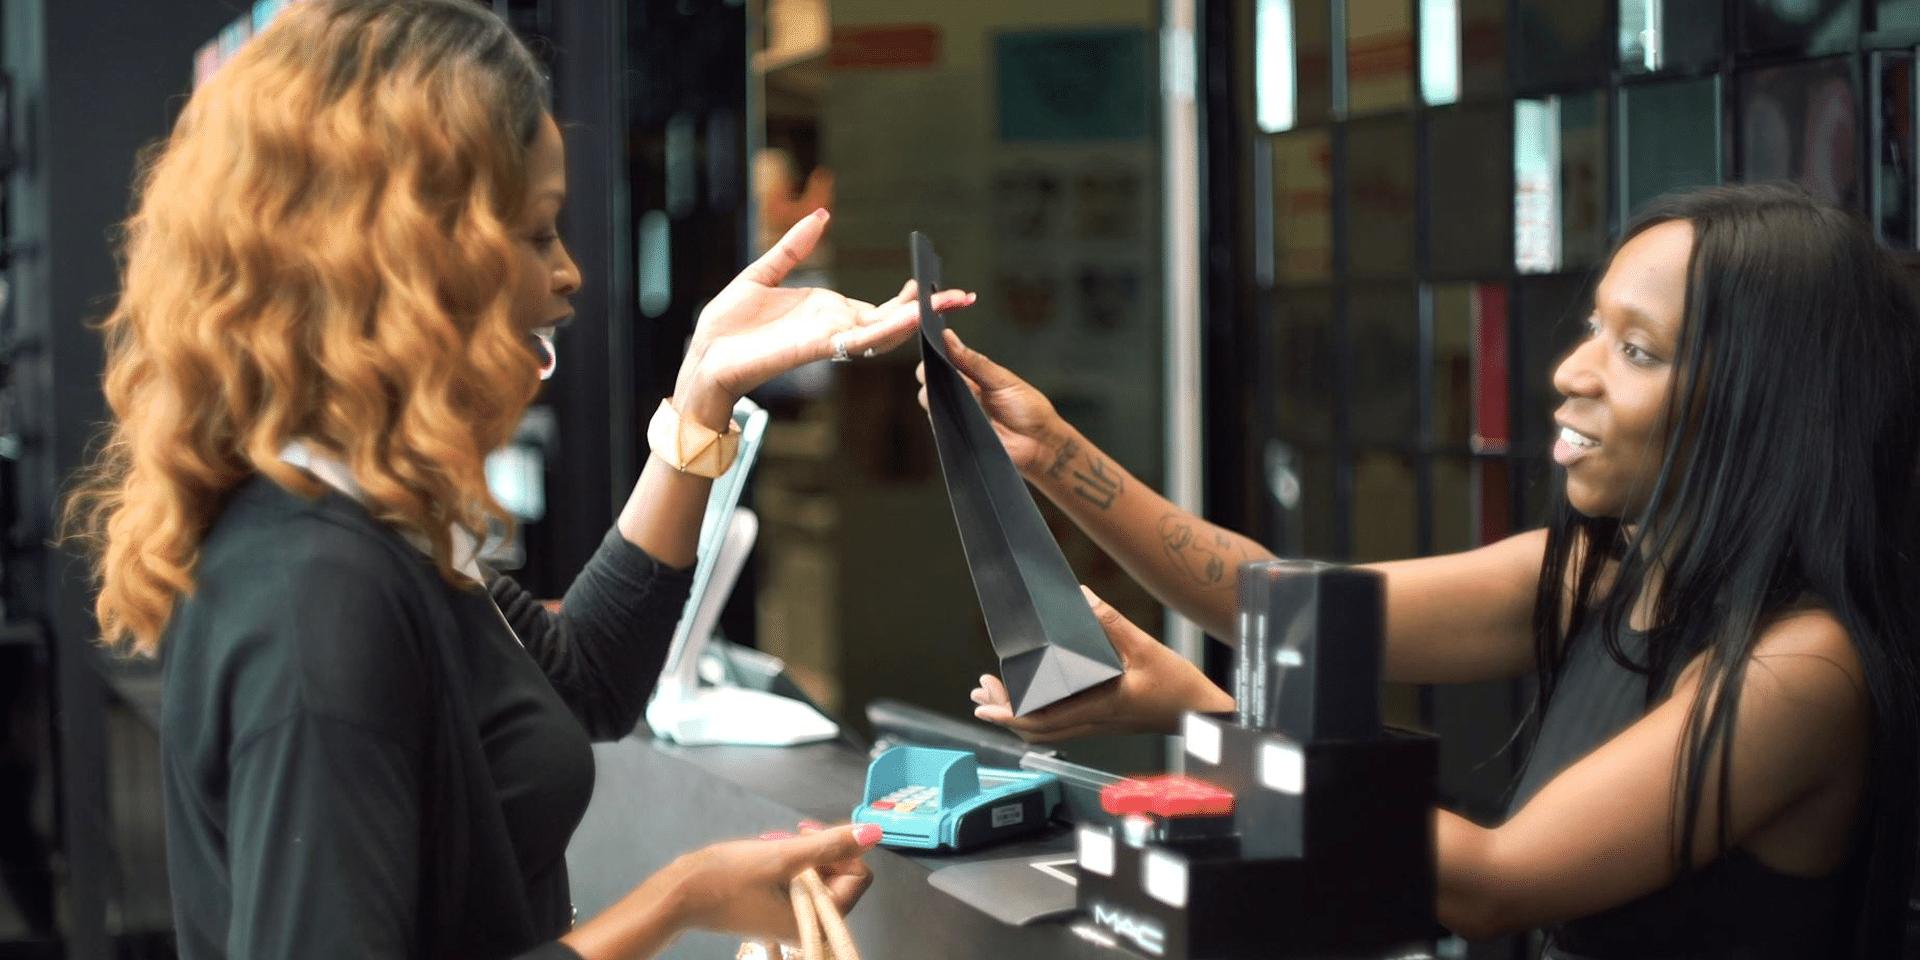 Customer shopping at MAC South Africa